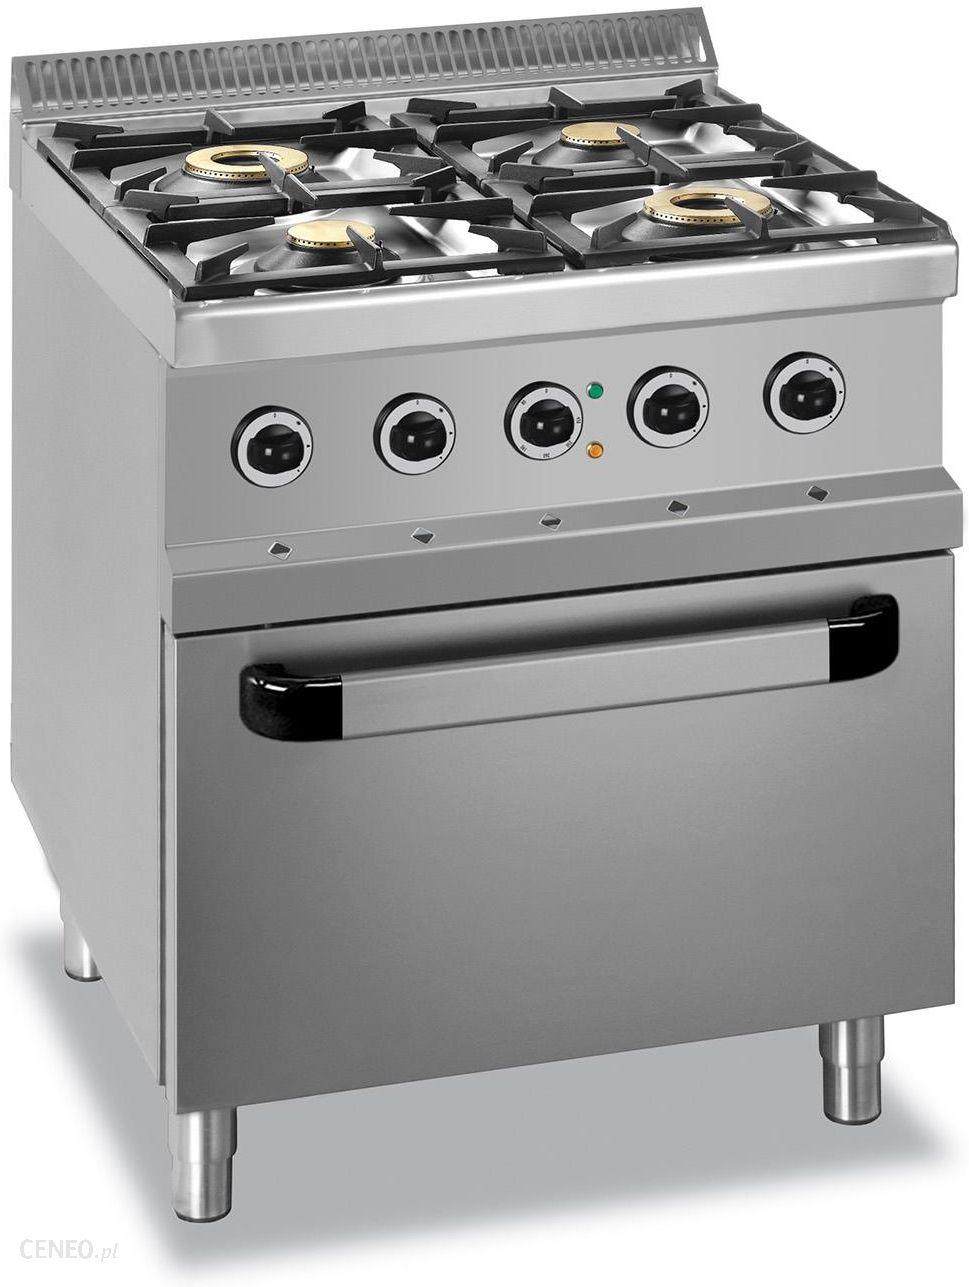 Mbm Kuchnia Gazowa 4 Palnikowa Z Piekarnikiem Elektrycznym